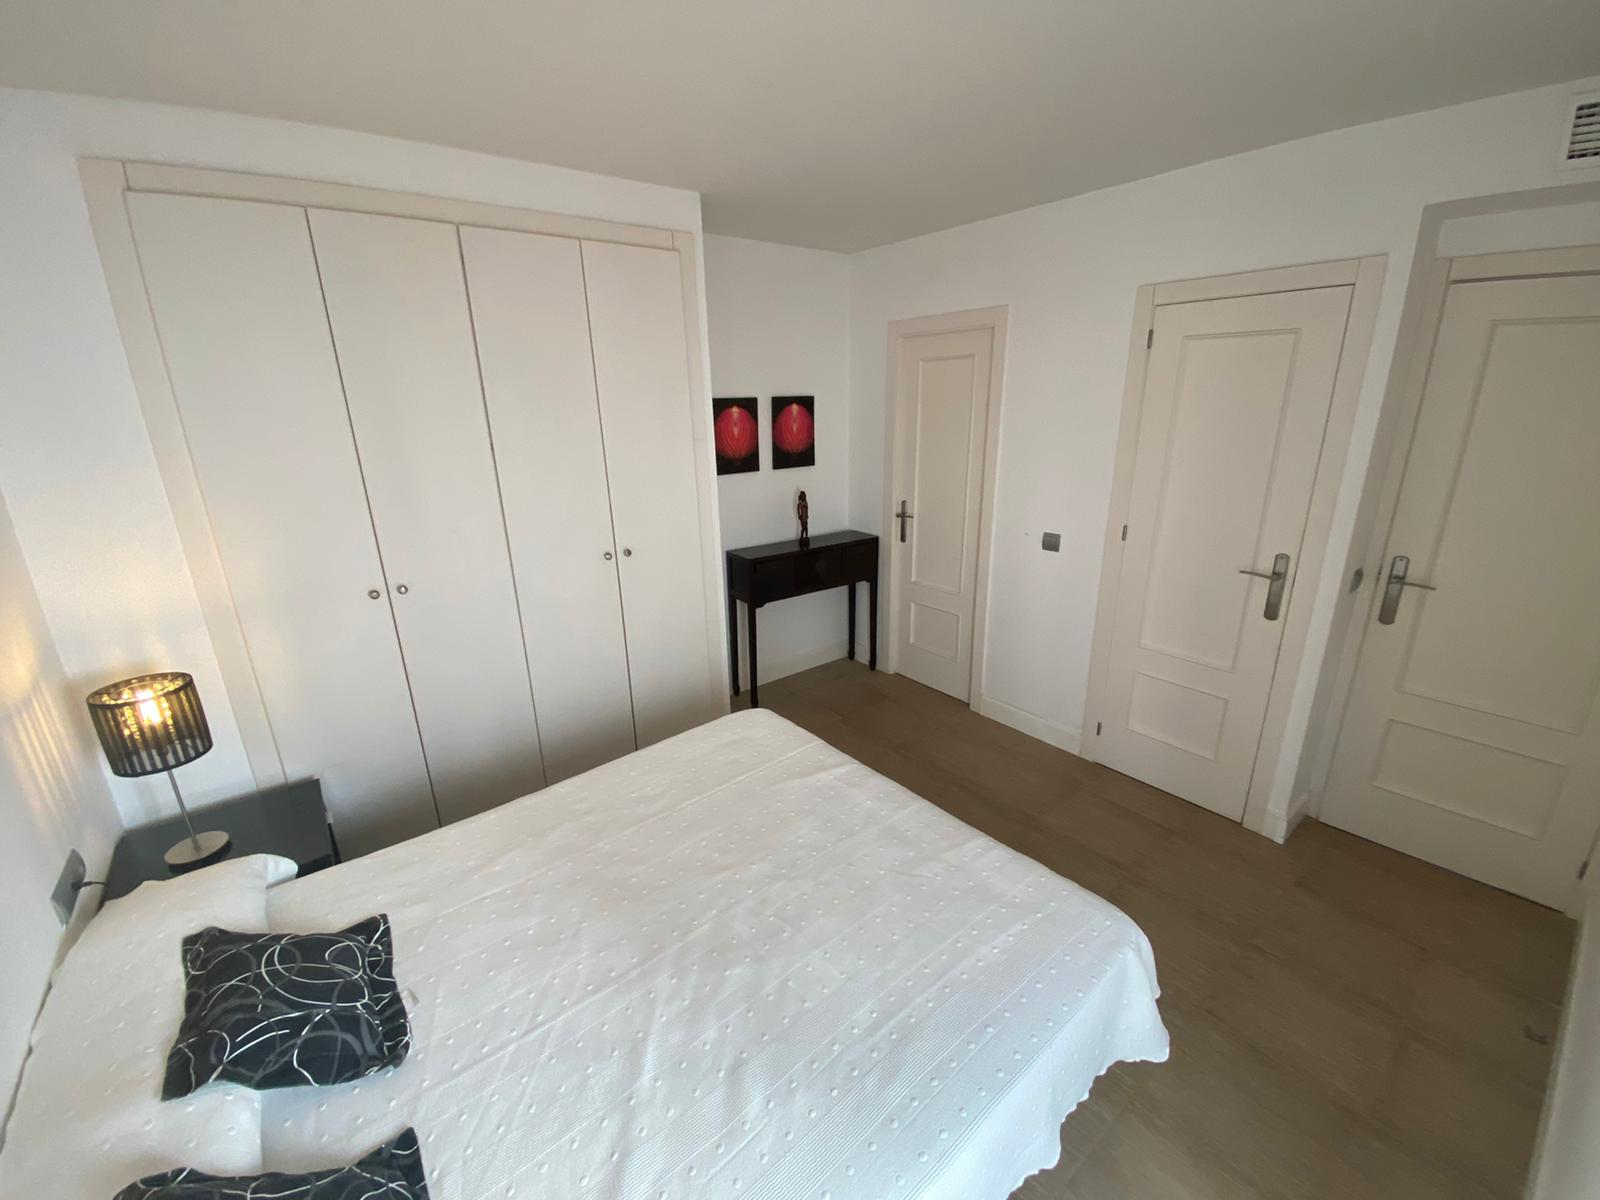 Imagen 19 del Apartamento Turístico, Ático 1 Poniente (3d+2b), Punta del Moral (HUELVA), Paseo de la Cruz nº22